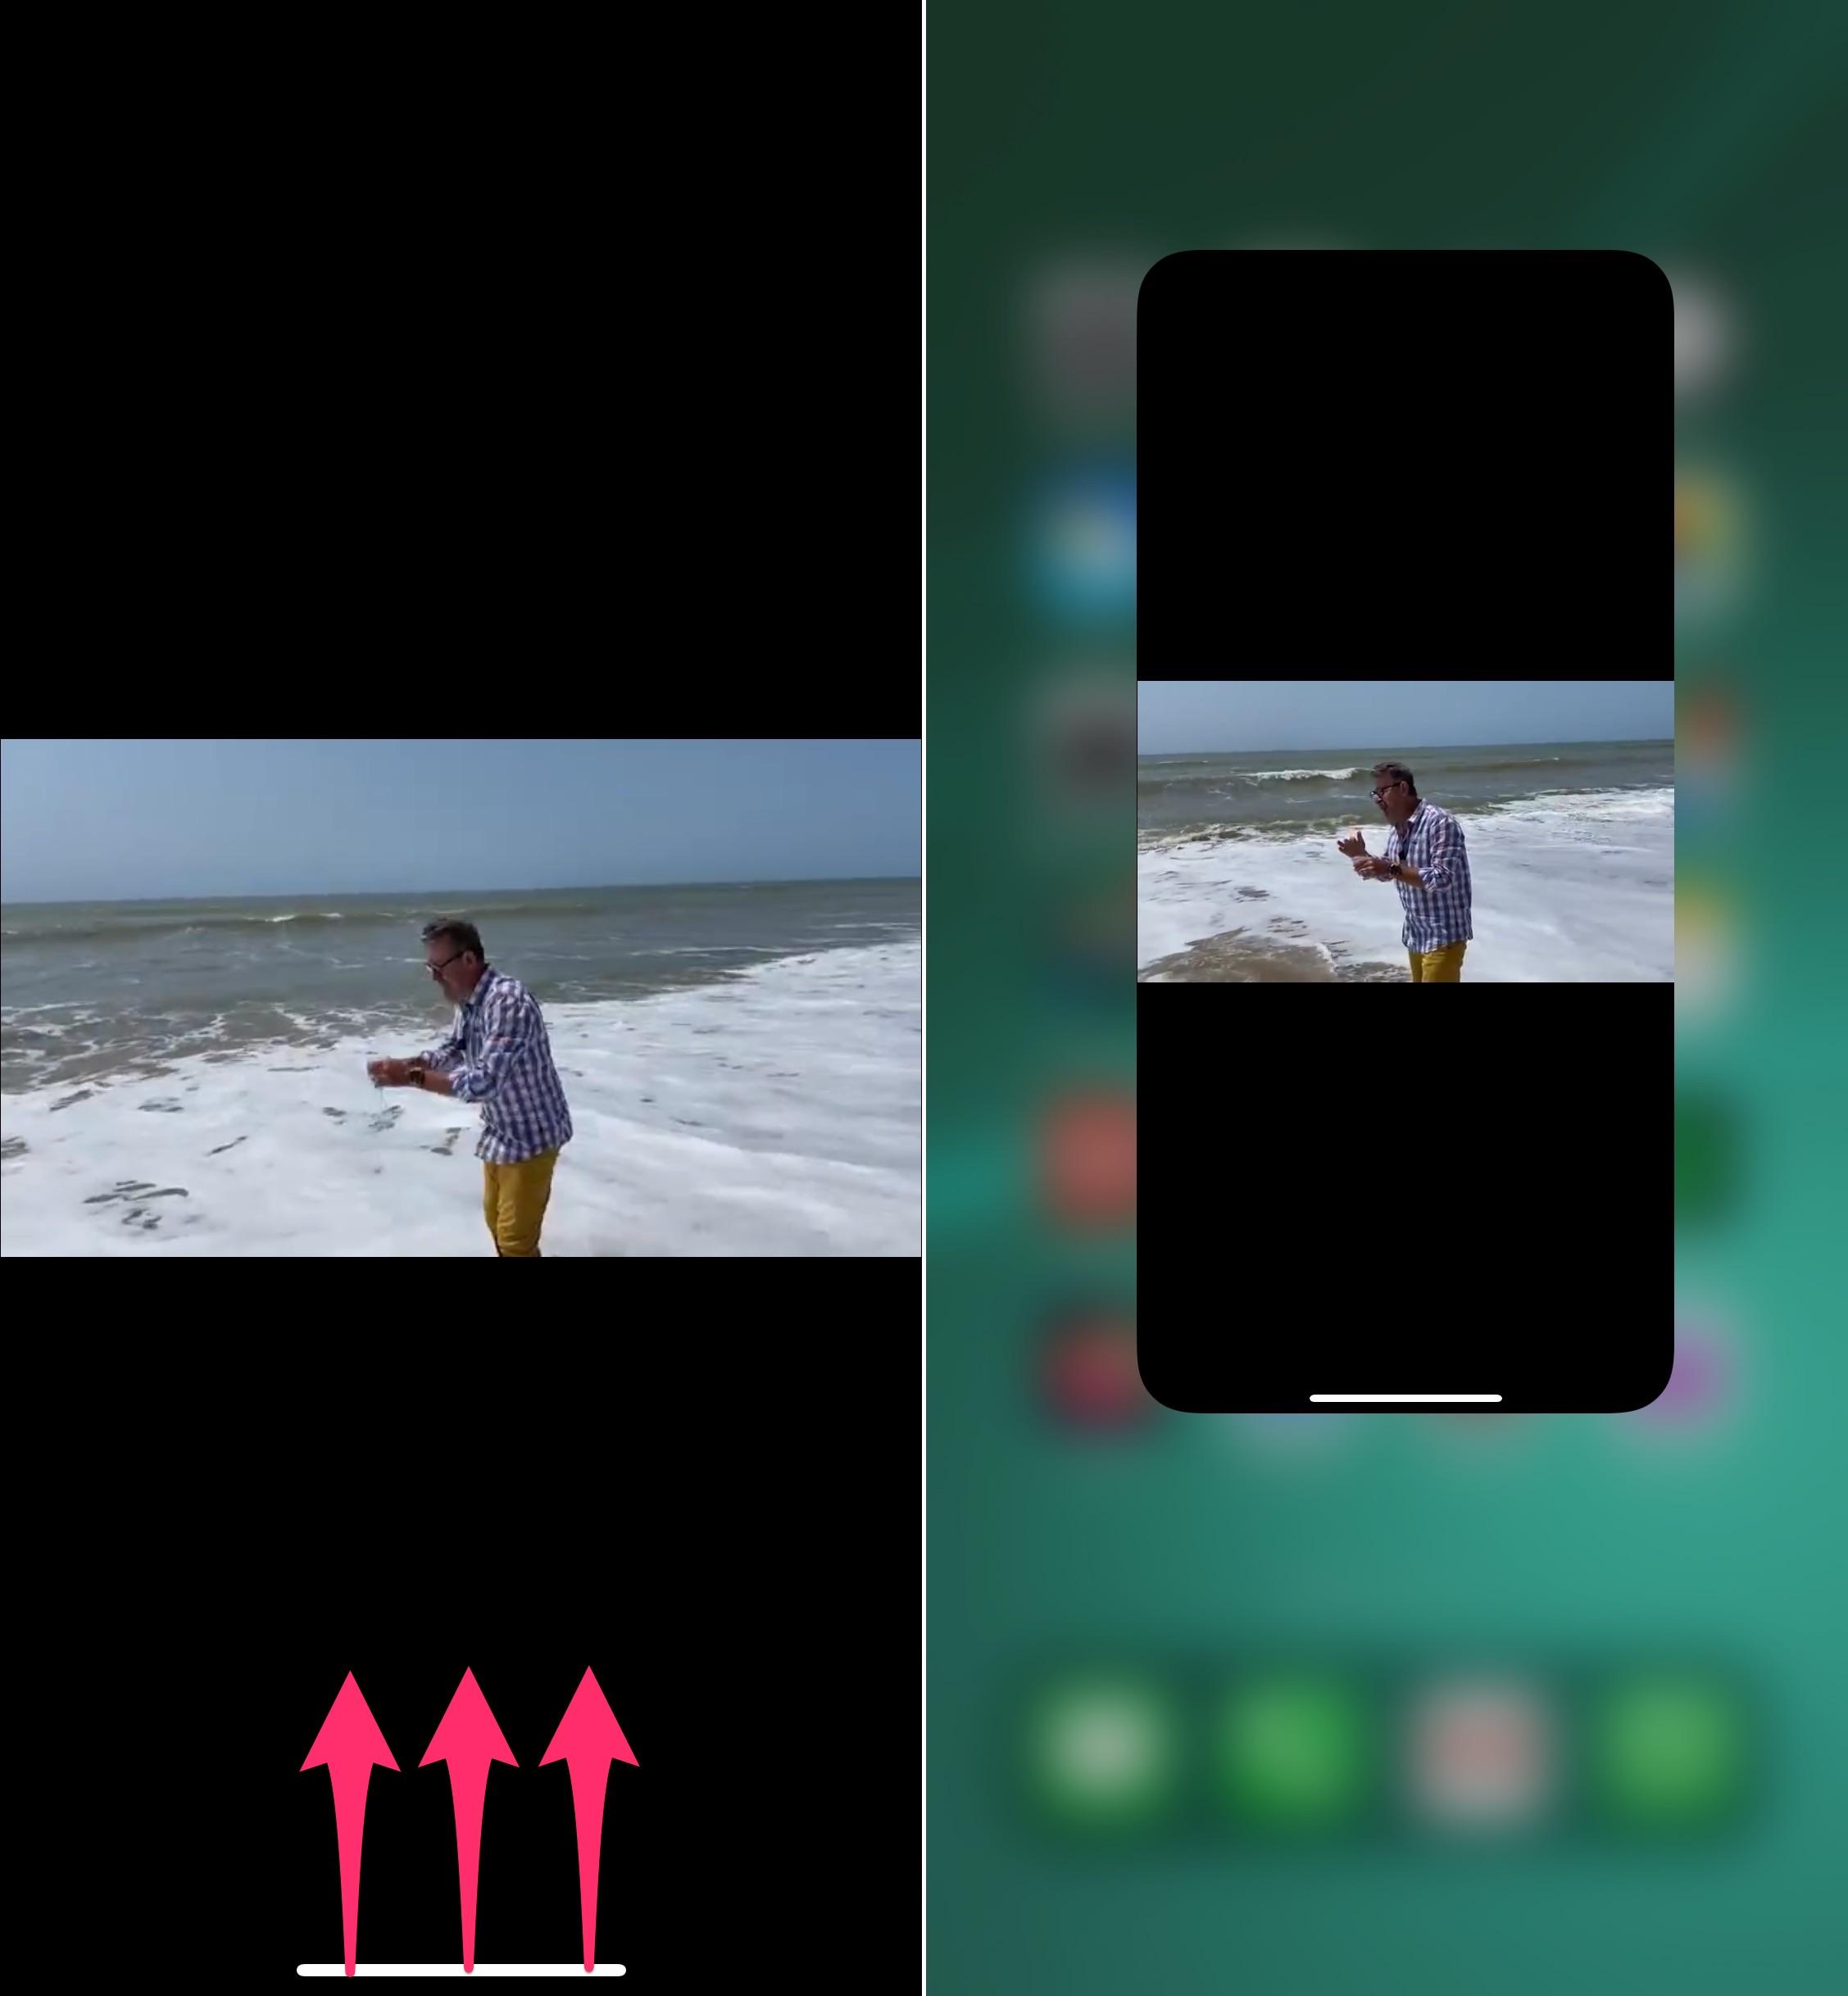 iPhone: fonction image dans l'image